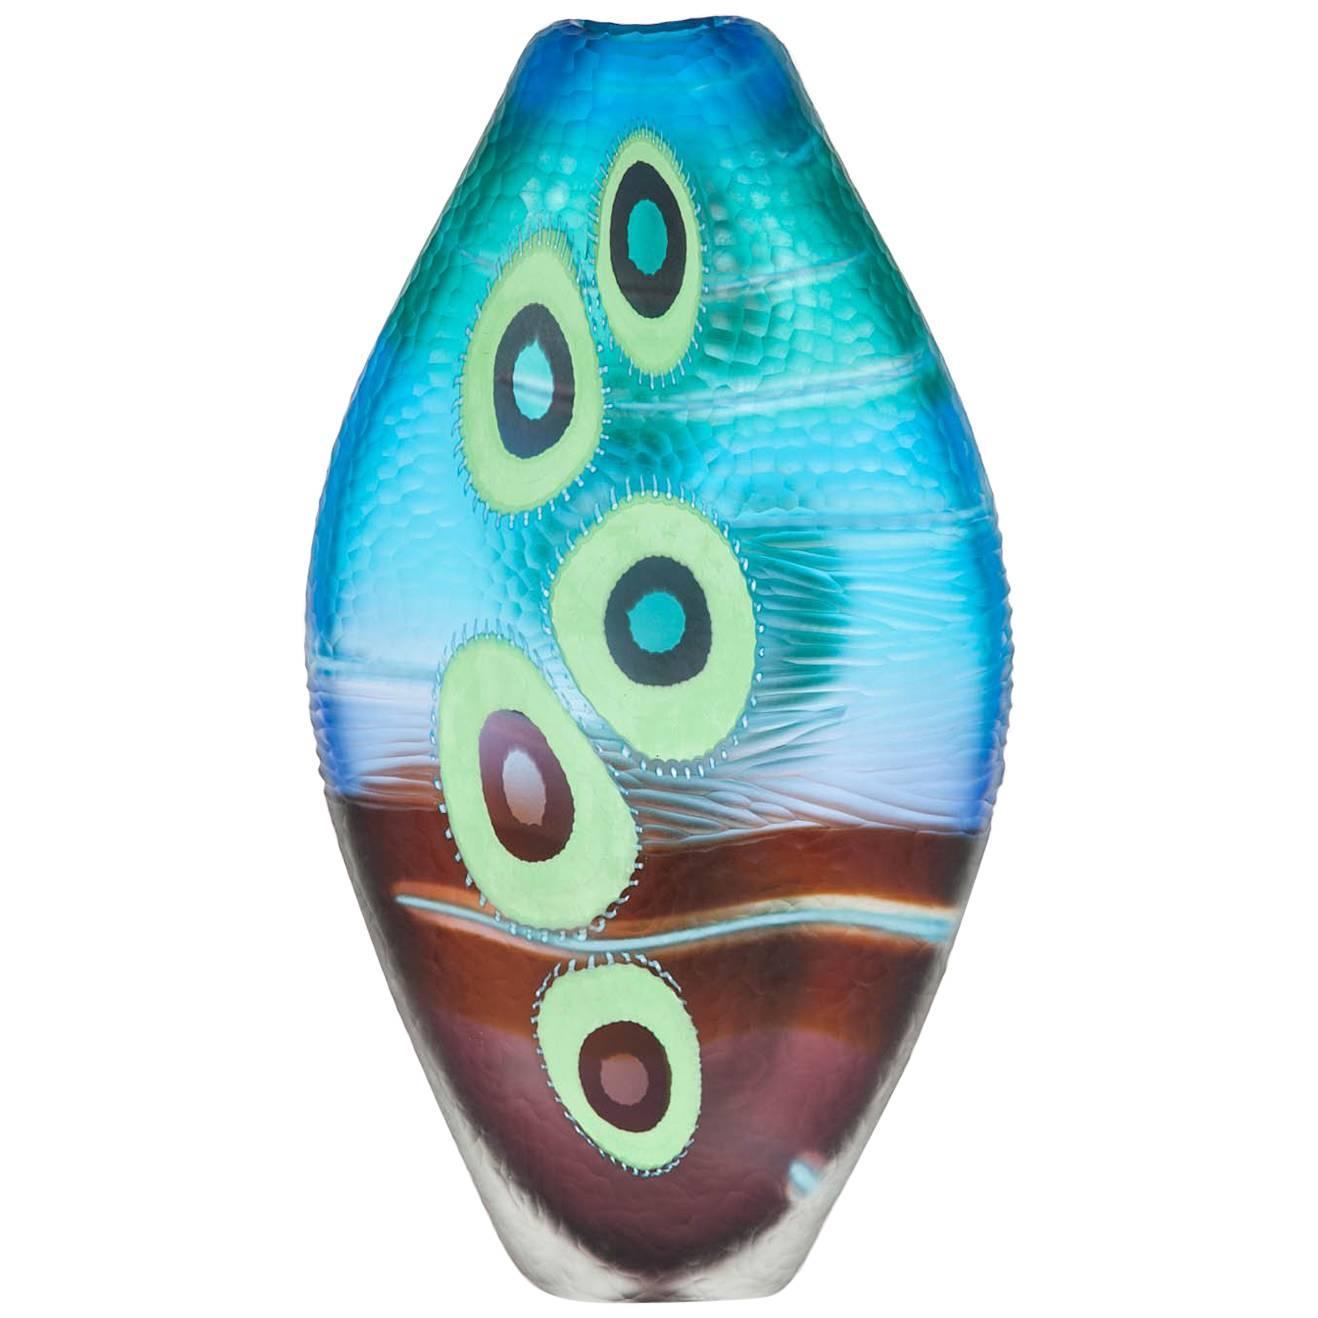 Evviva III, a mixed coloured sculptural glass vase by Marco & Mattia Salvadore